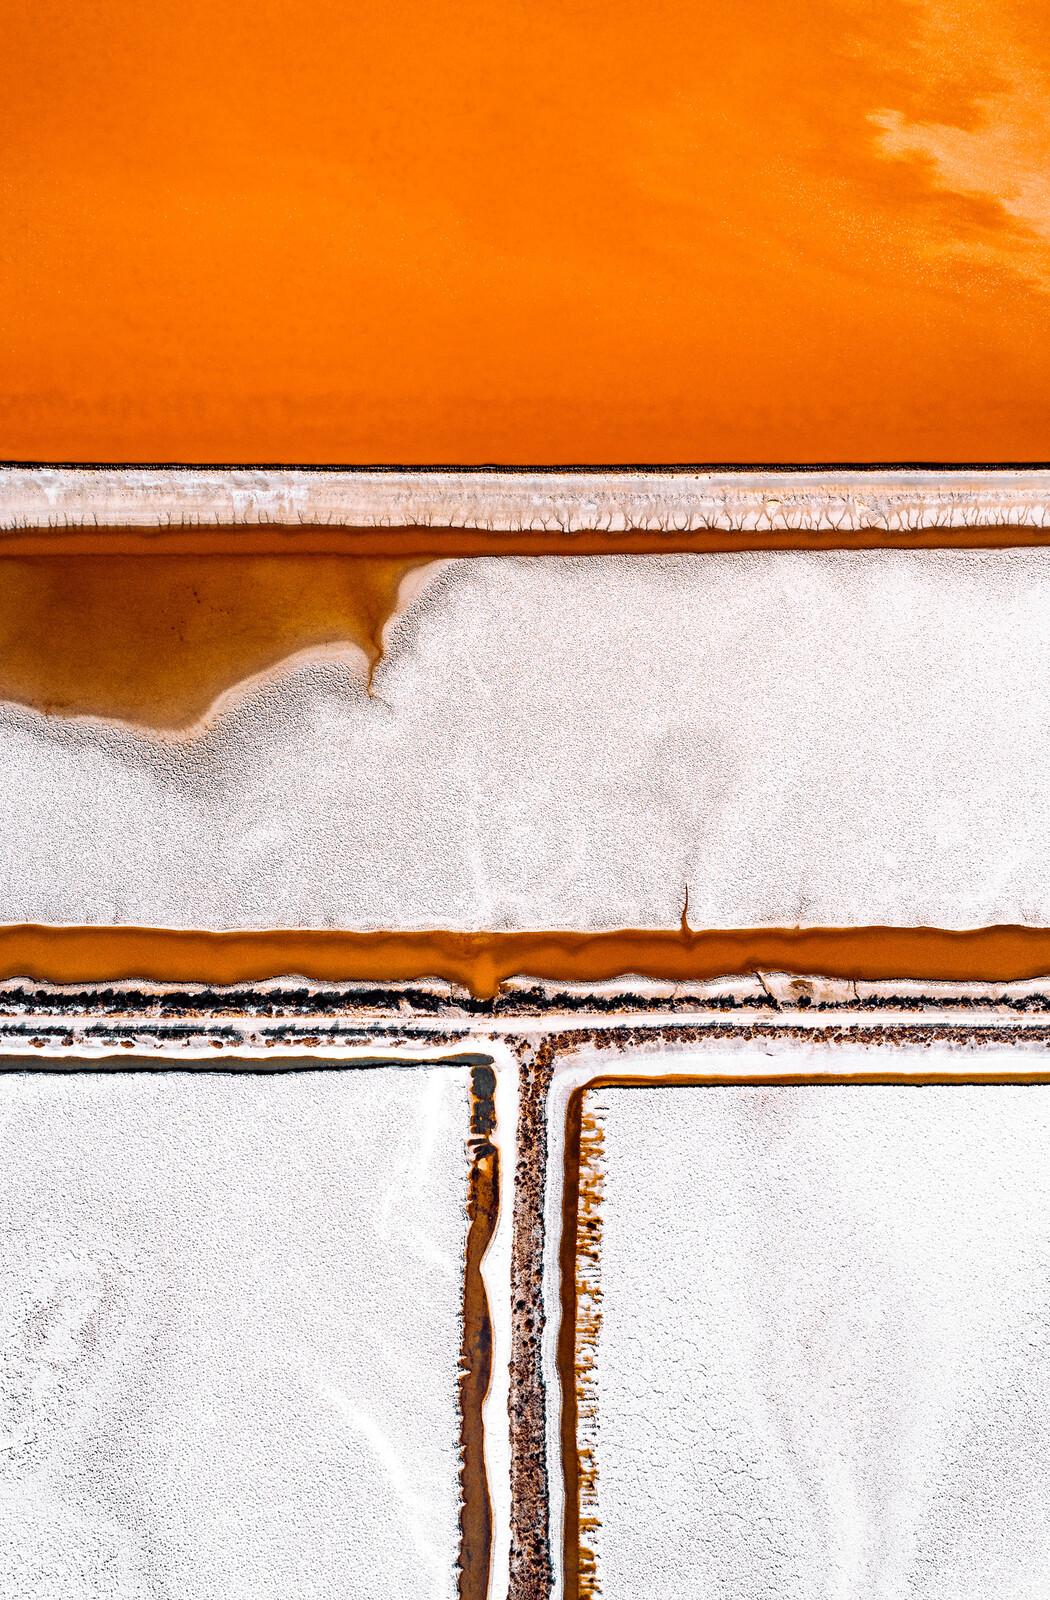 Salt Works IV - Tom Hegen